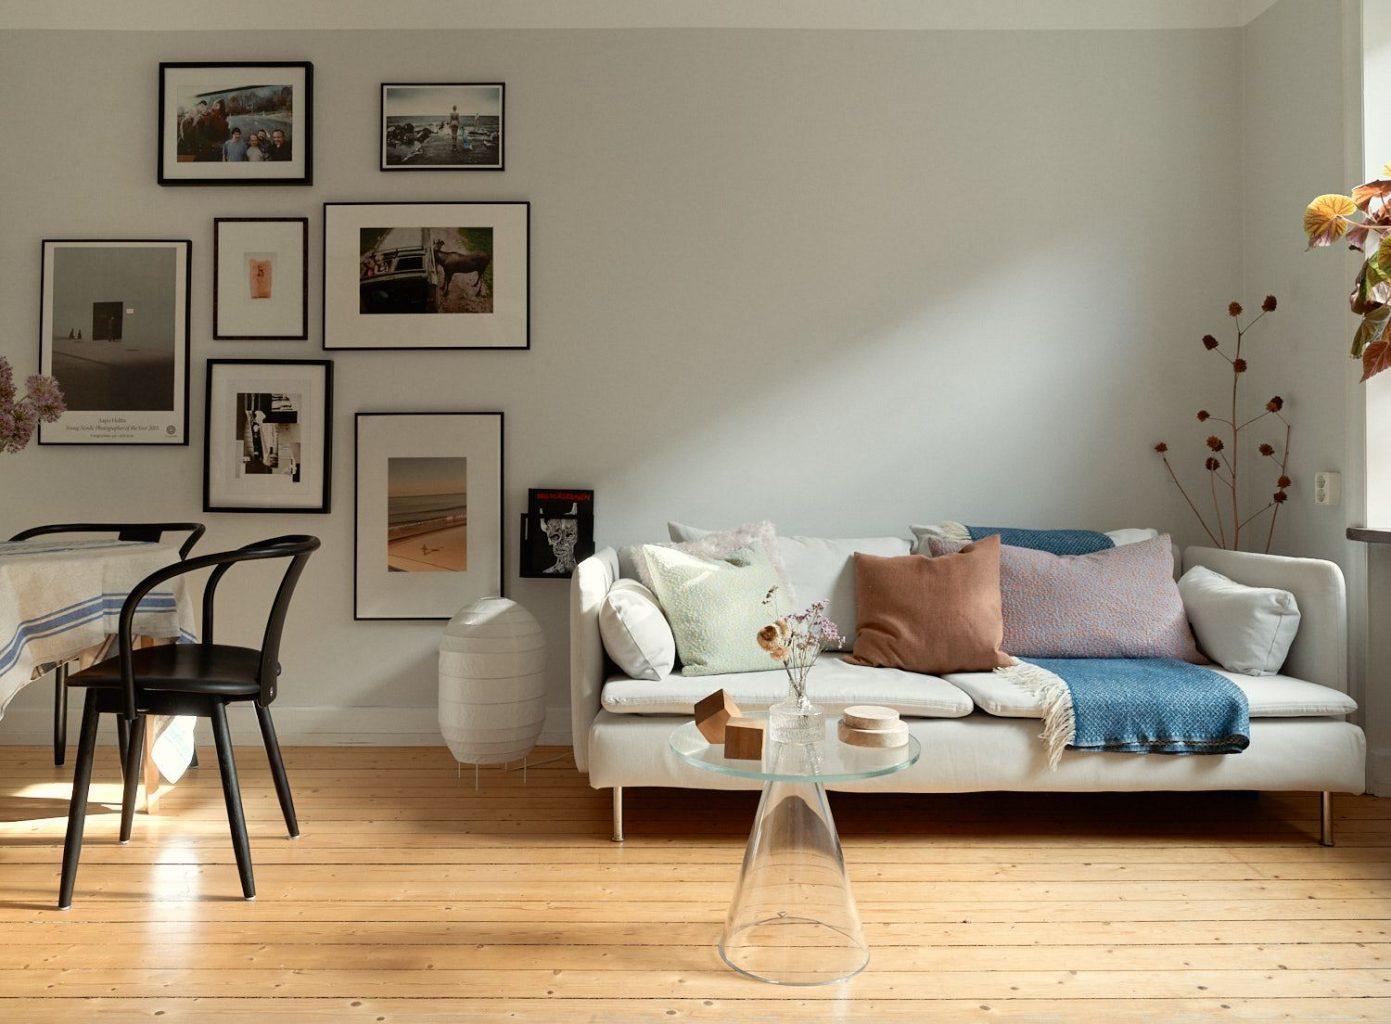 Zweeds Interieur Design.Binnenkijken In Een Zweeds Voorjaars Interieur Coosje Blog